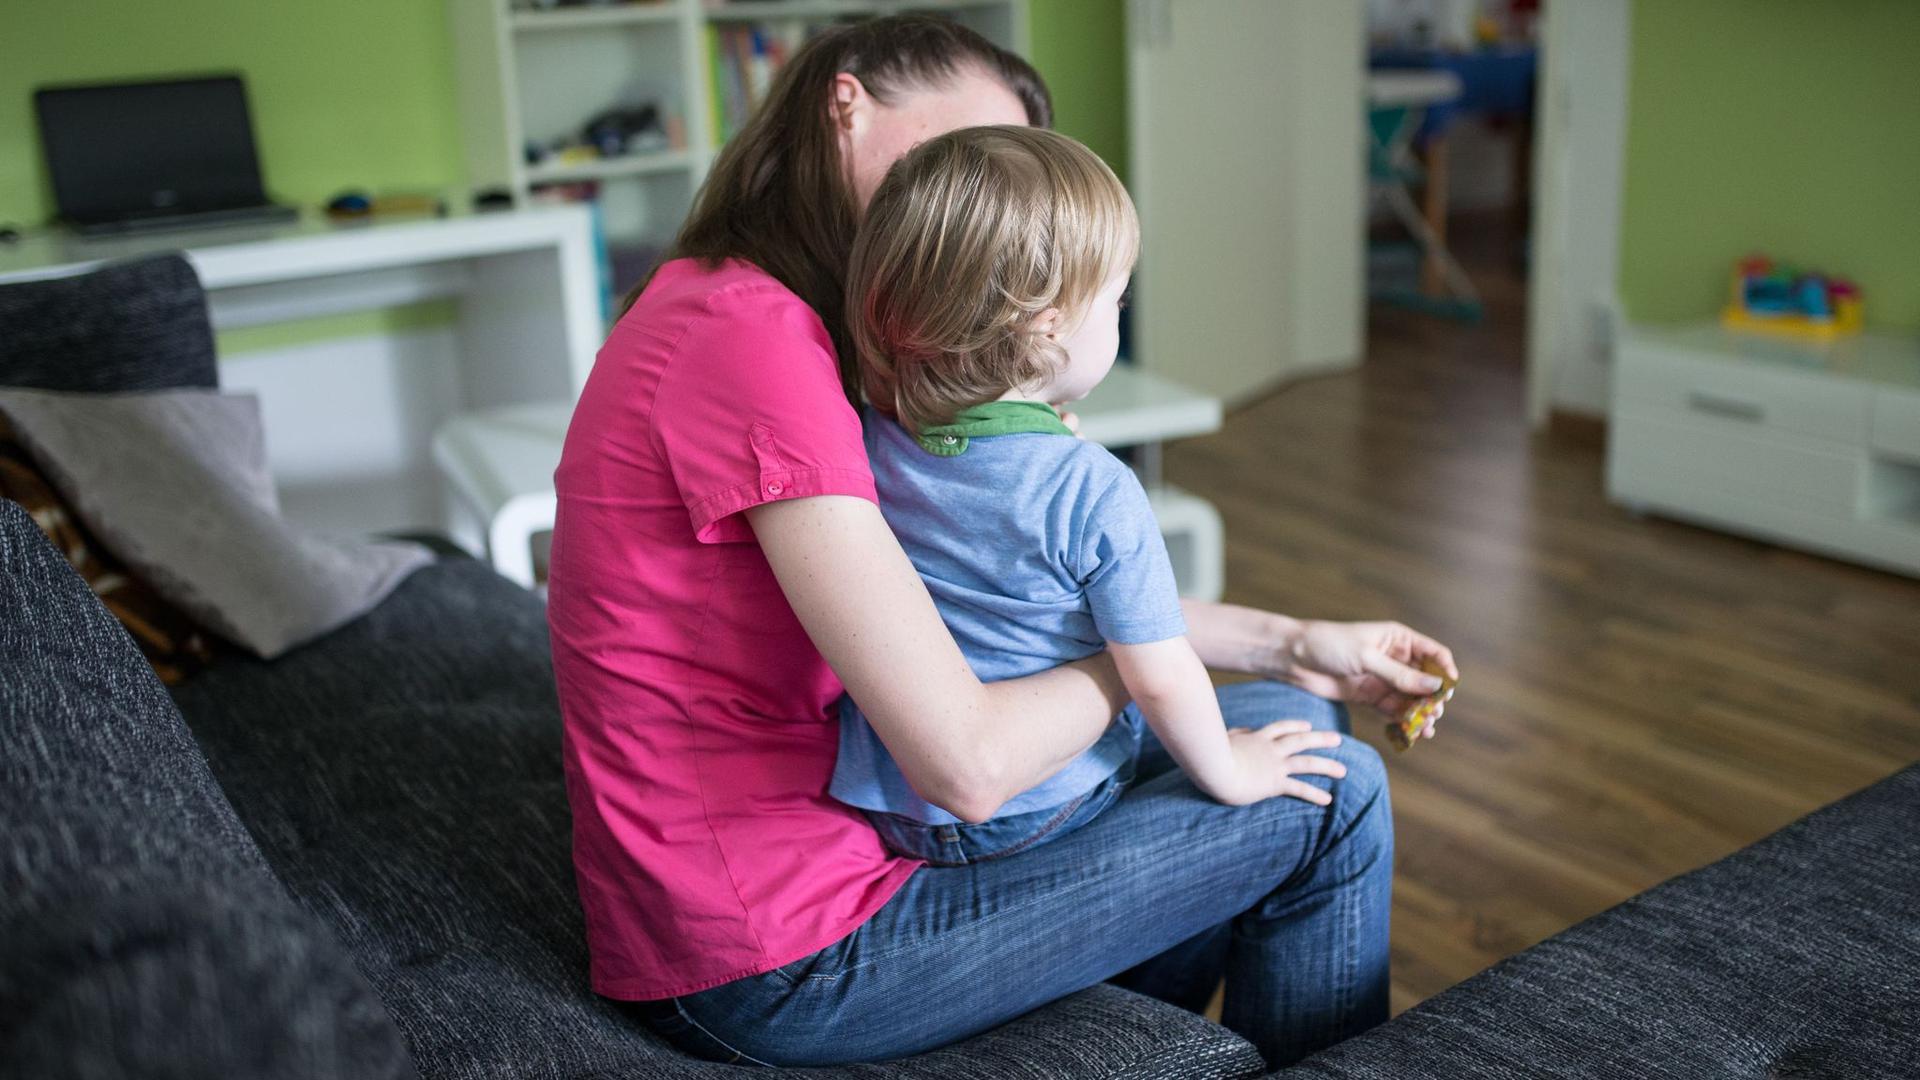 Die verschärften Corona-Regeln in Schulen und Kitas treffen Familien und vor allem alleinerziehende Mütter und Väter hart.